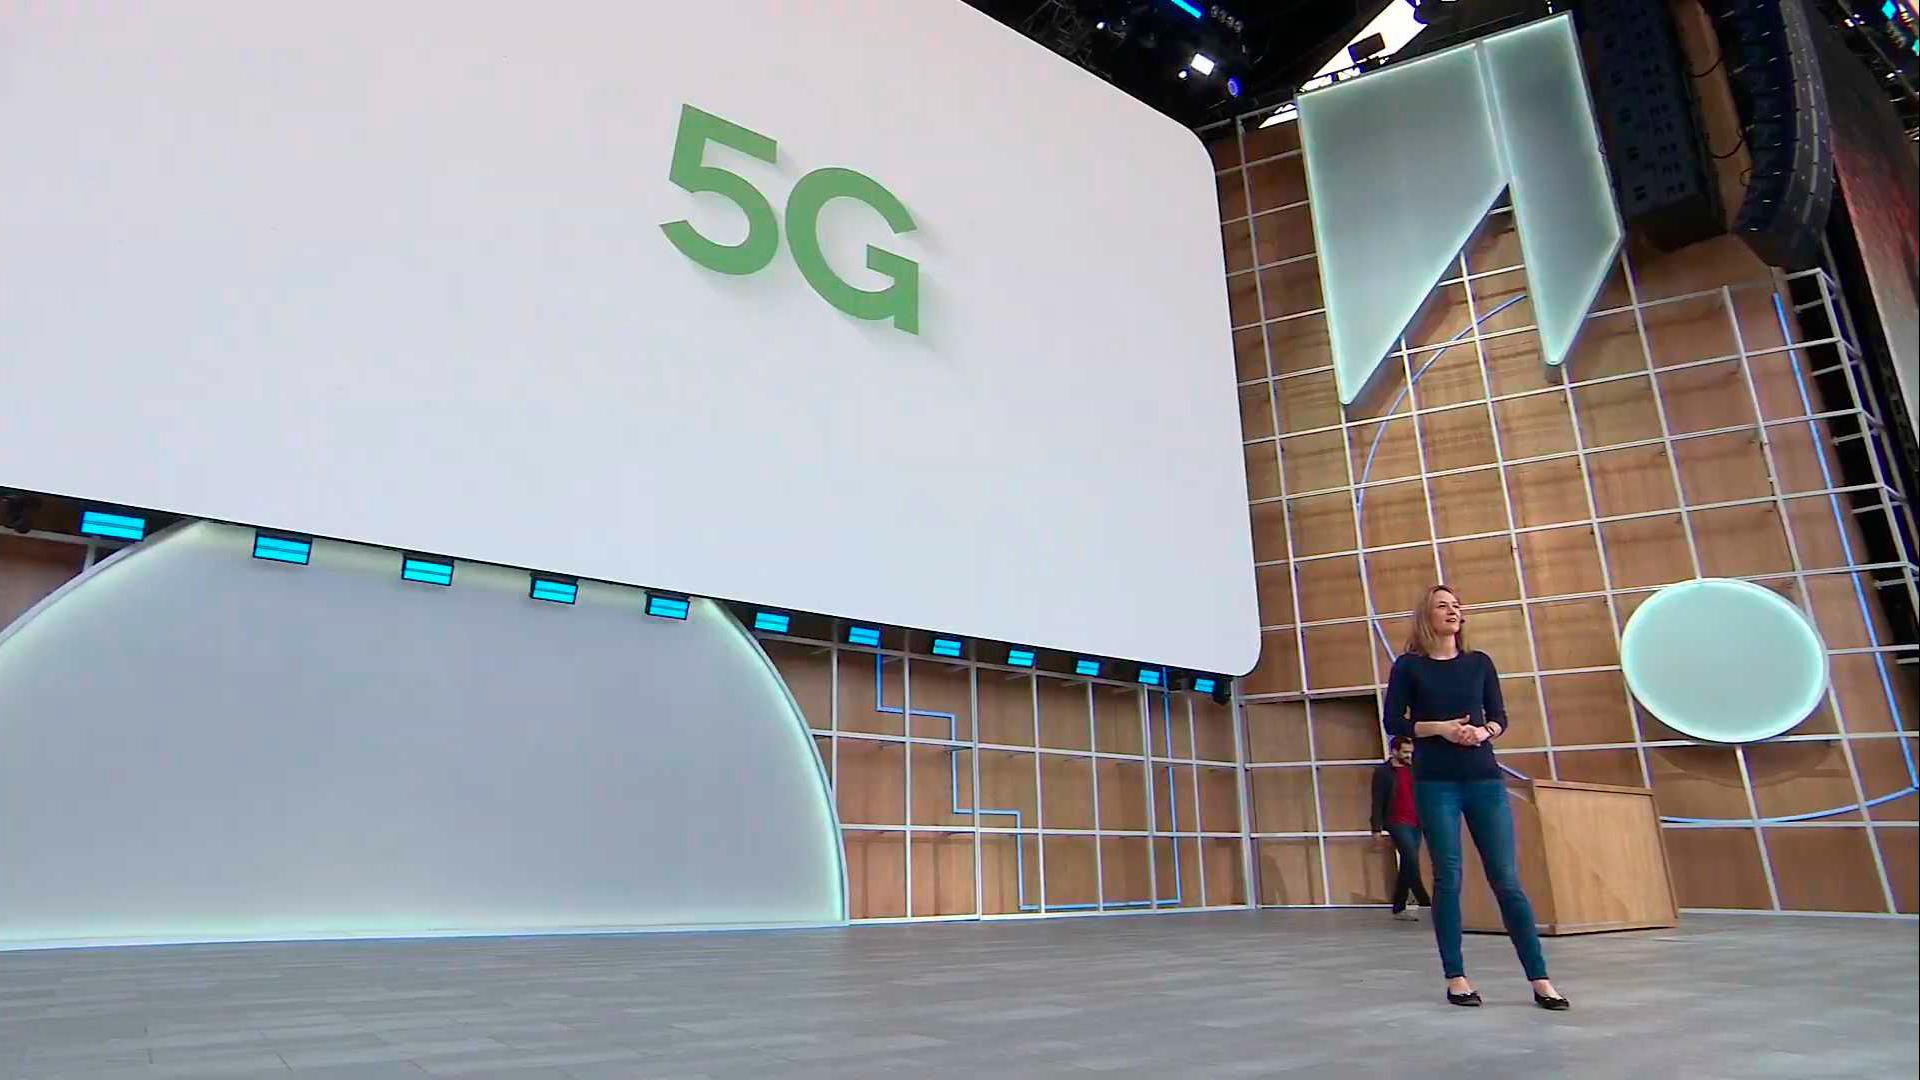 Google I / O 5G